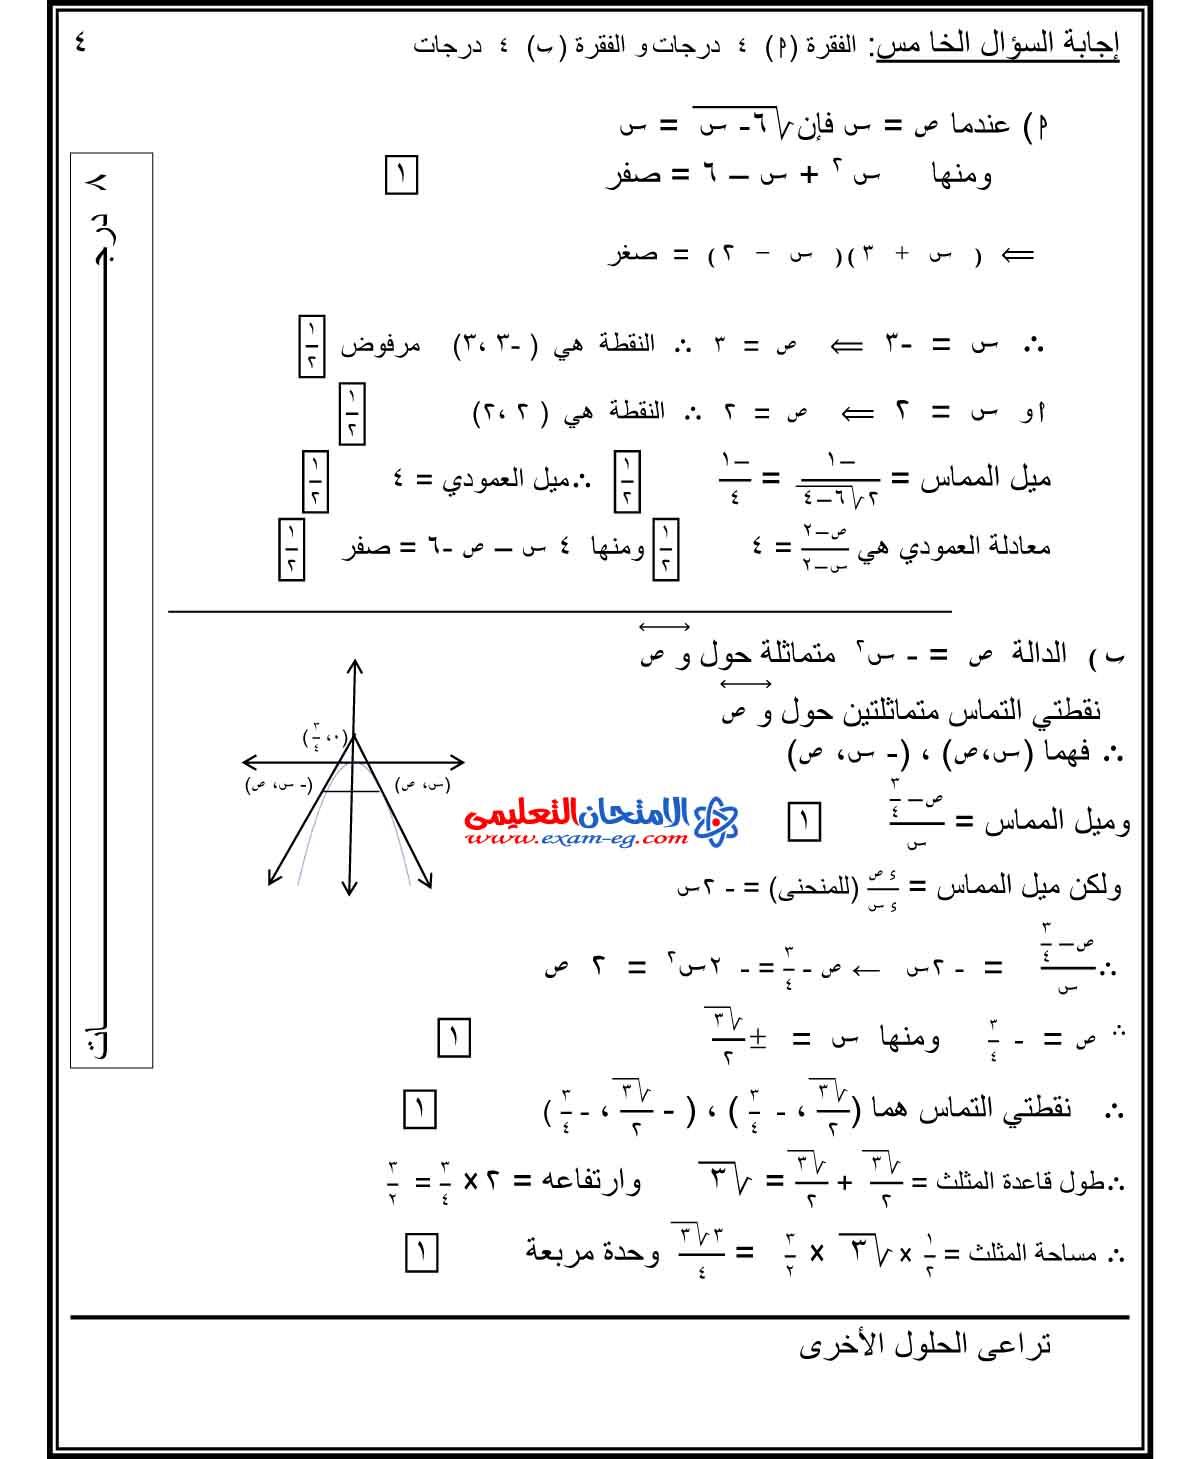 تفاضل وتكامل 1 - الامتحان التعليمى-6